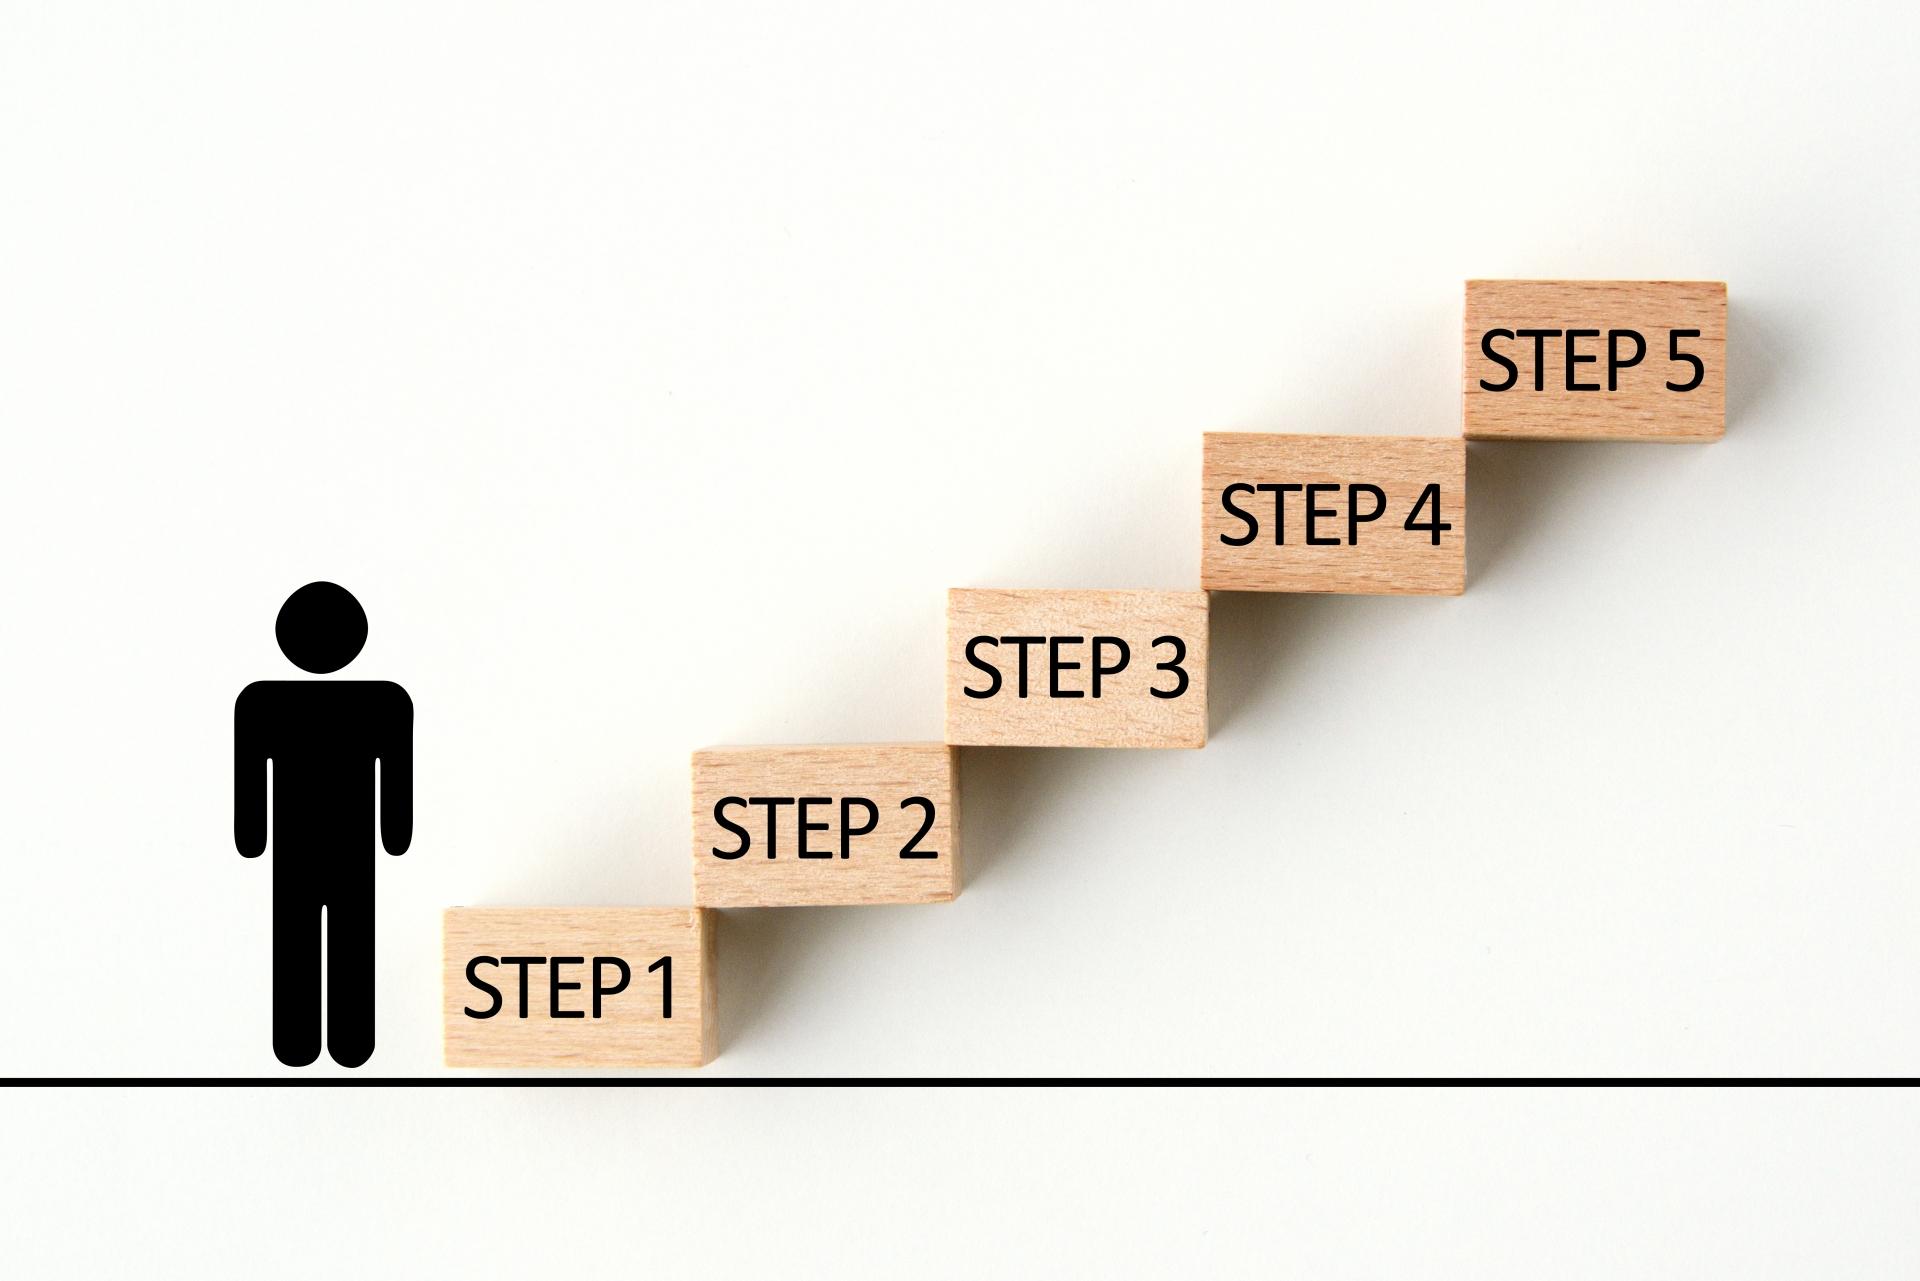 業務改善をする意味は?得られる効果や重要性が知りたい!_手順